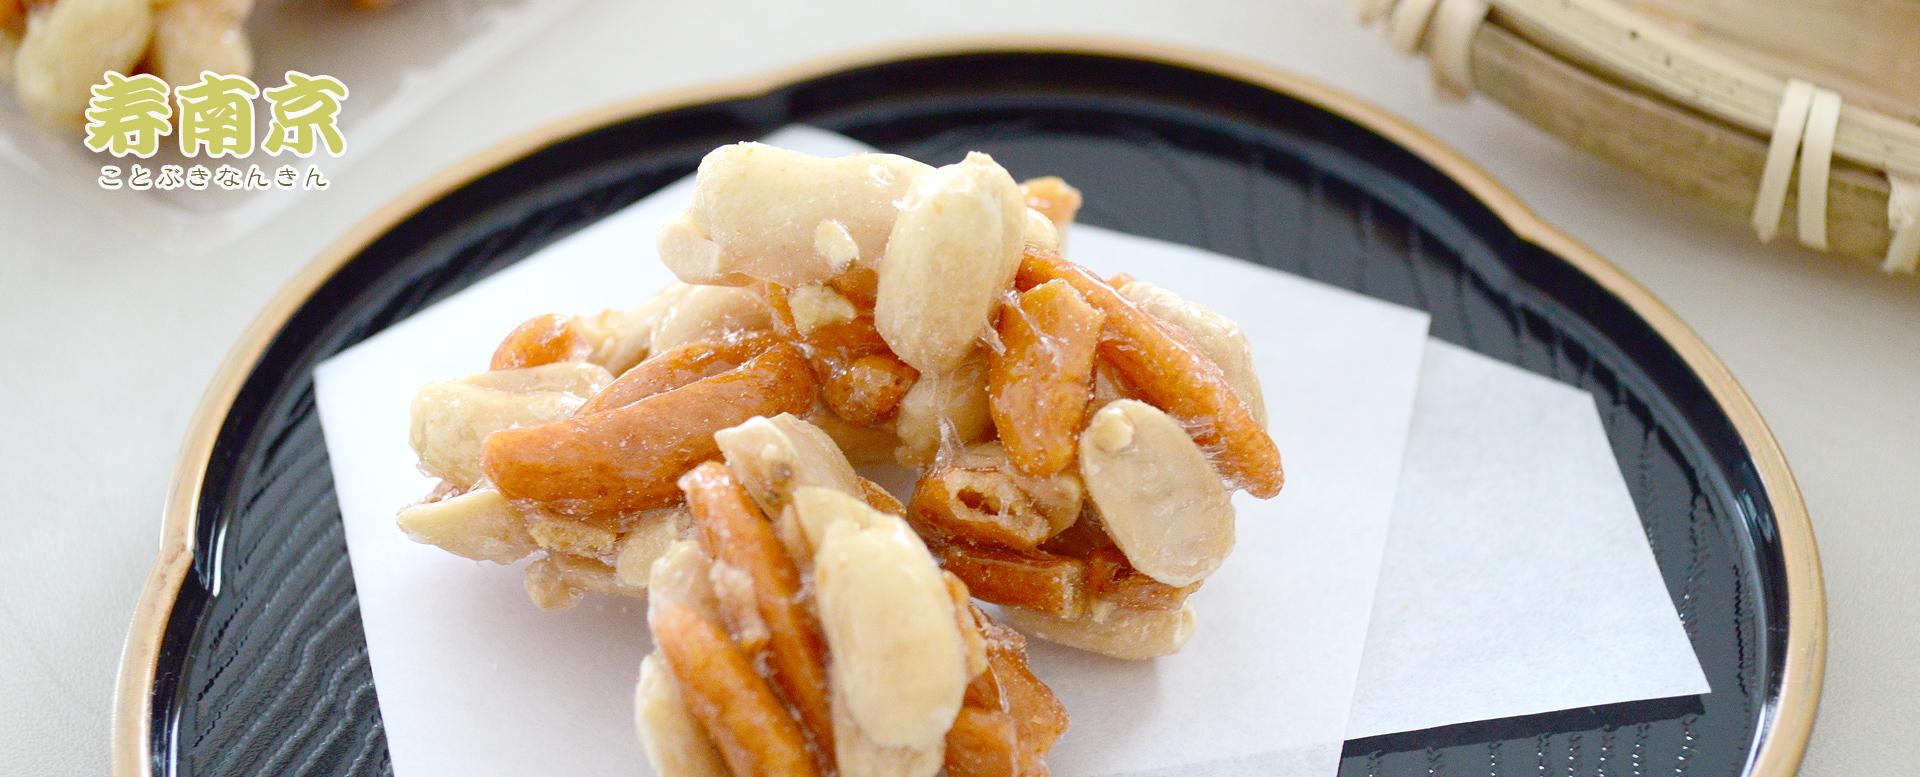 寿南京(ことぶきなんきん) おこし 銘菓のお菓子 江上製菓株式会社 長野県松本市